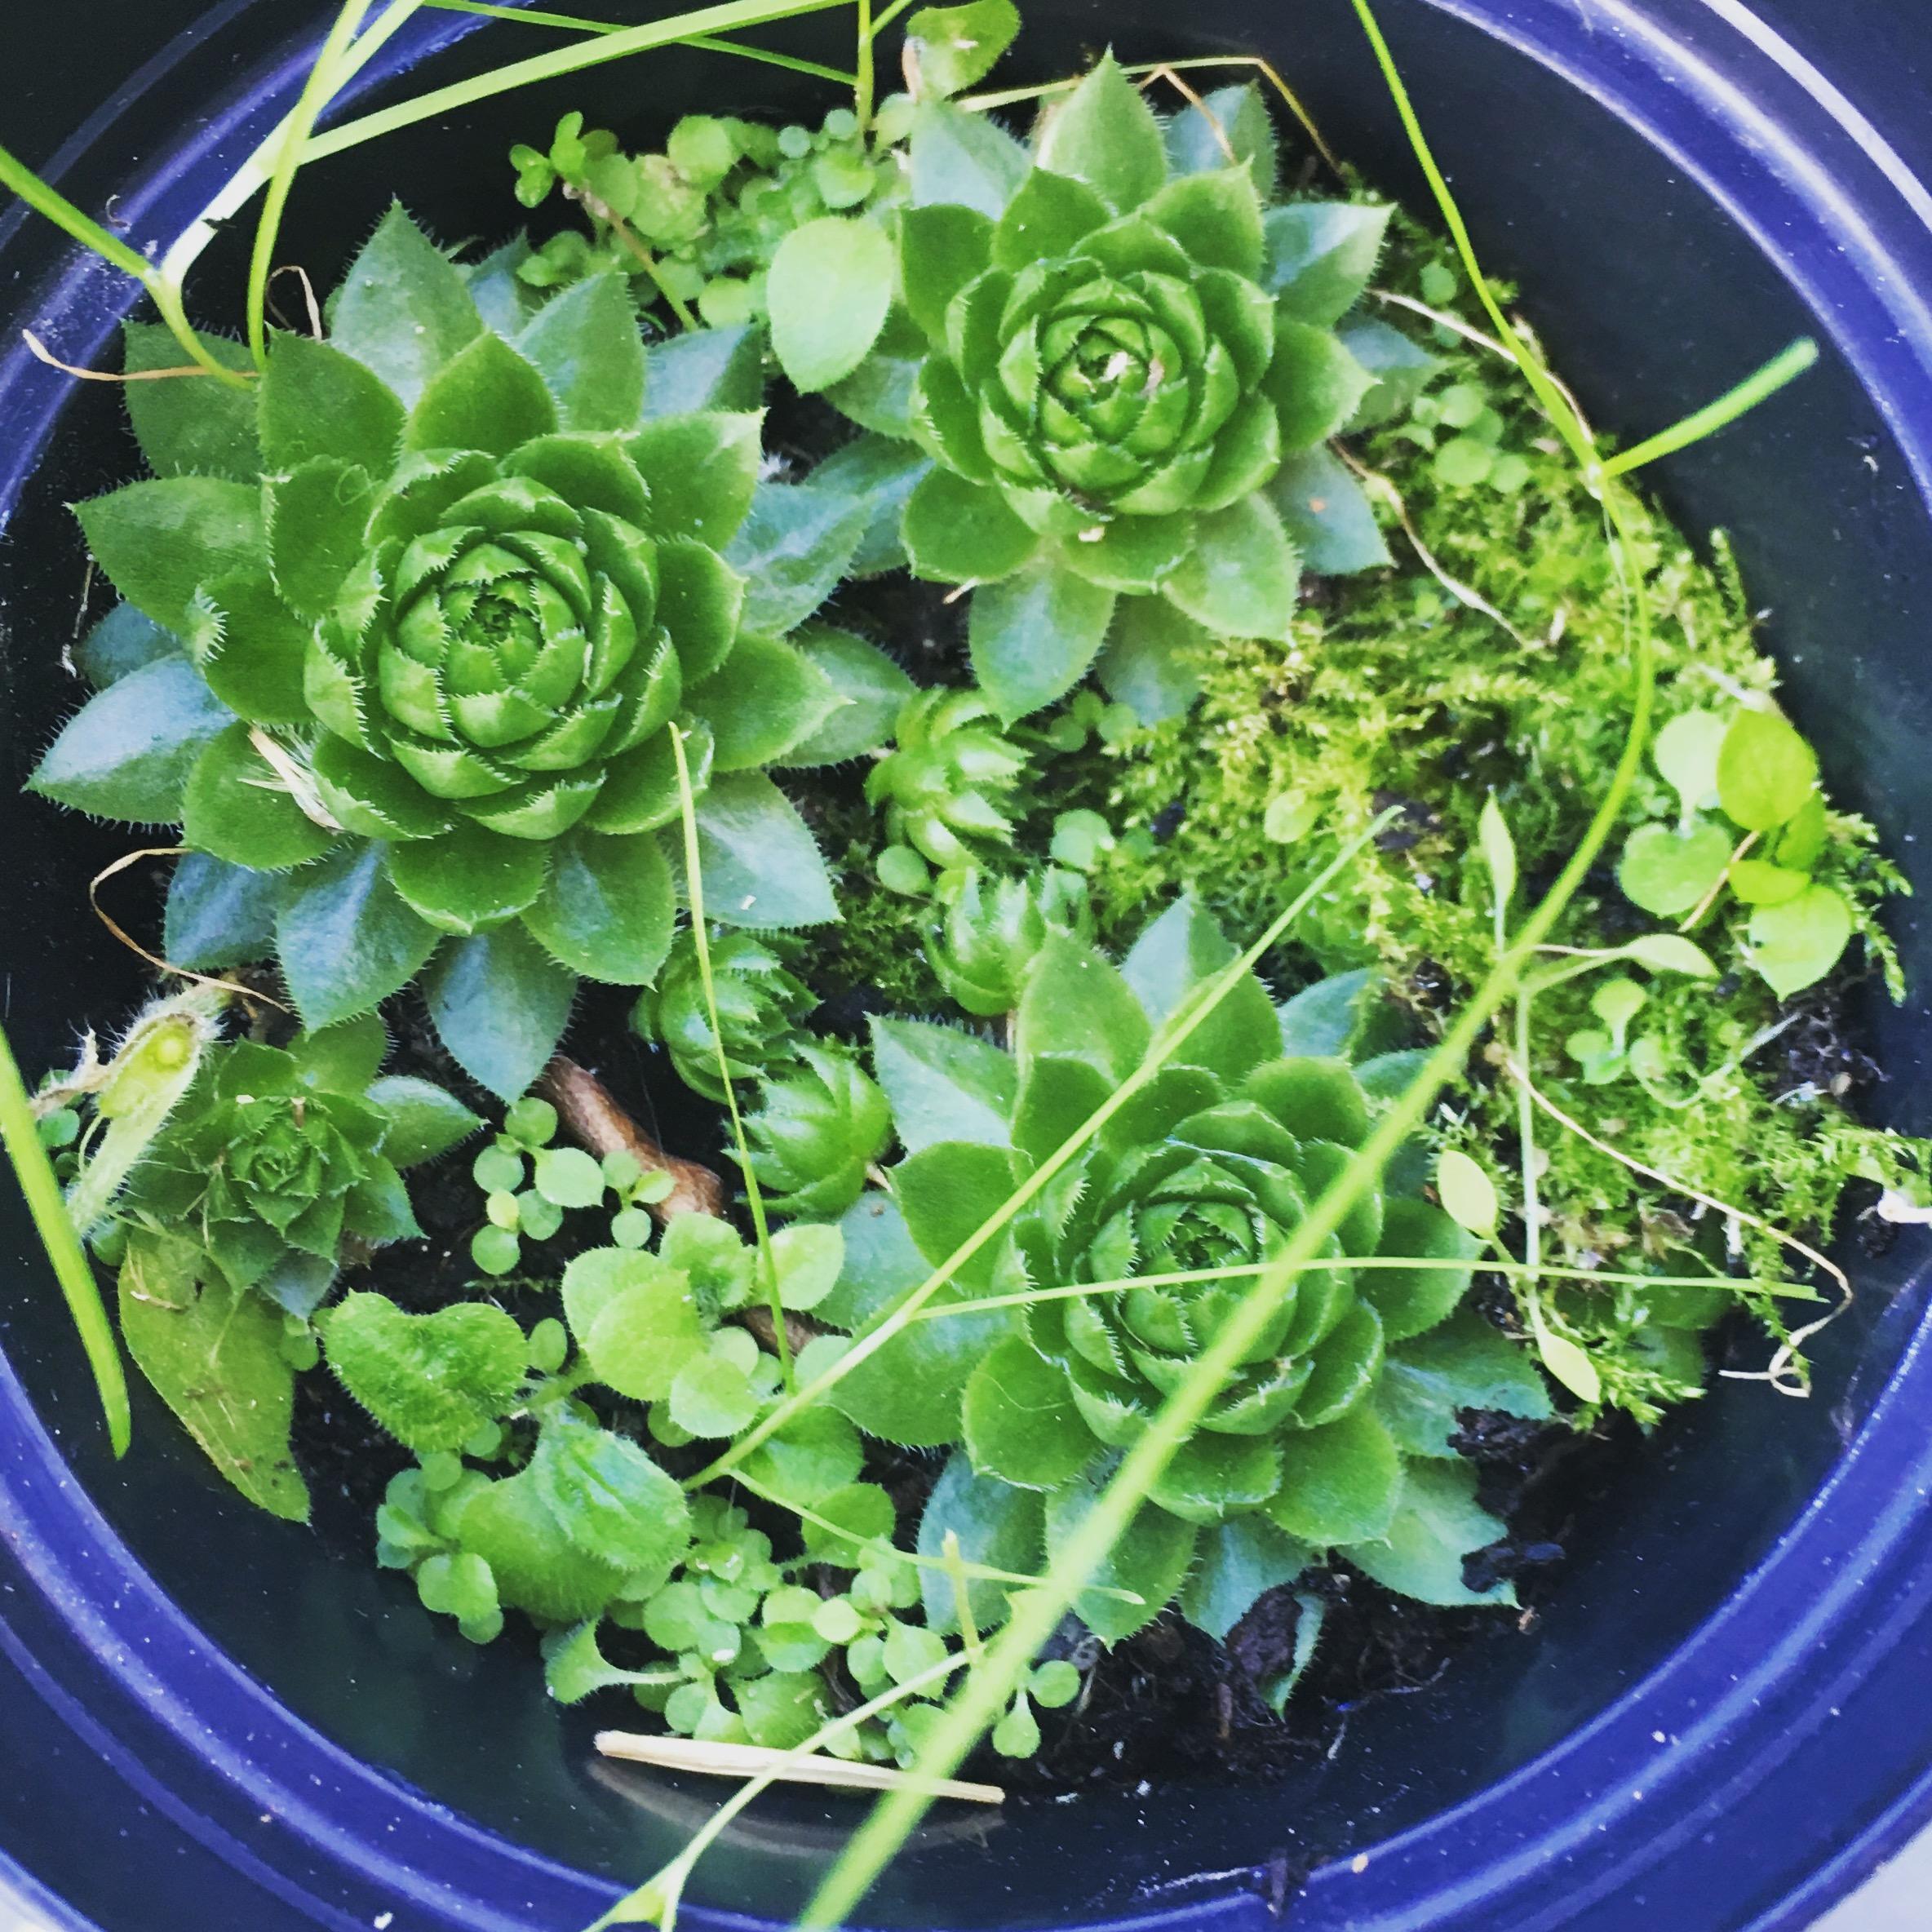 troc de troc plantes image 2